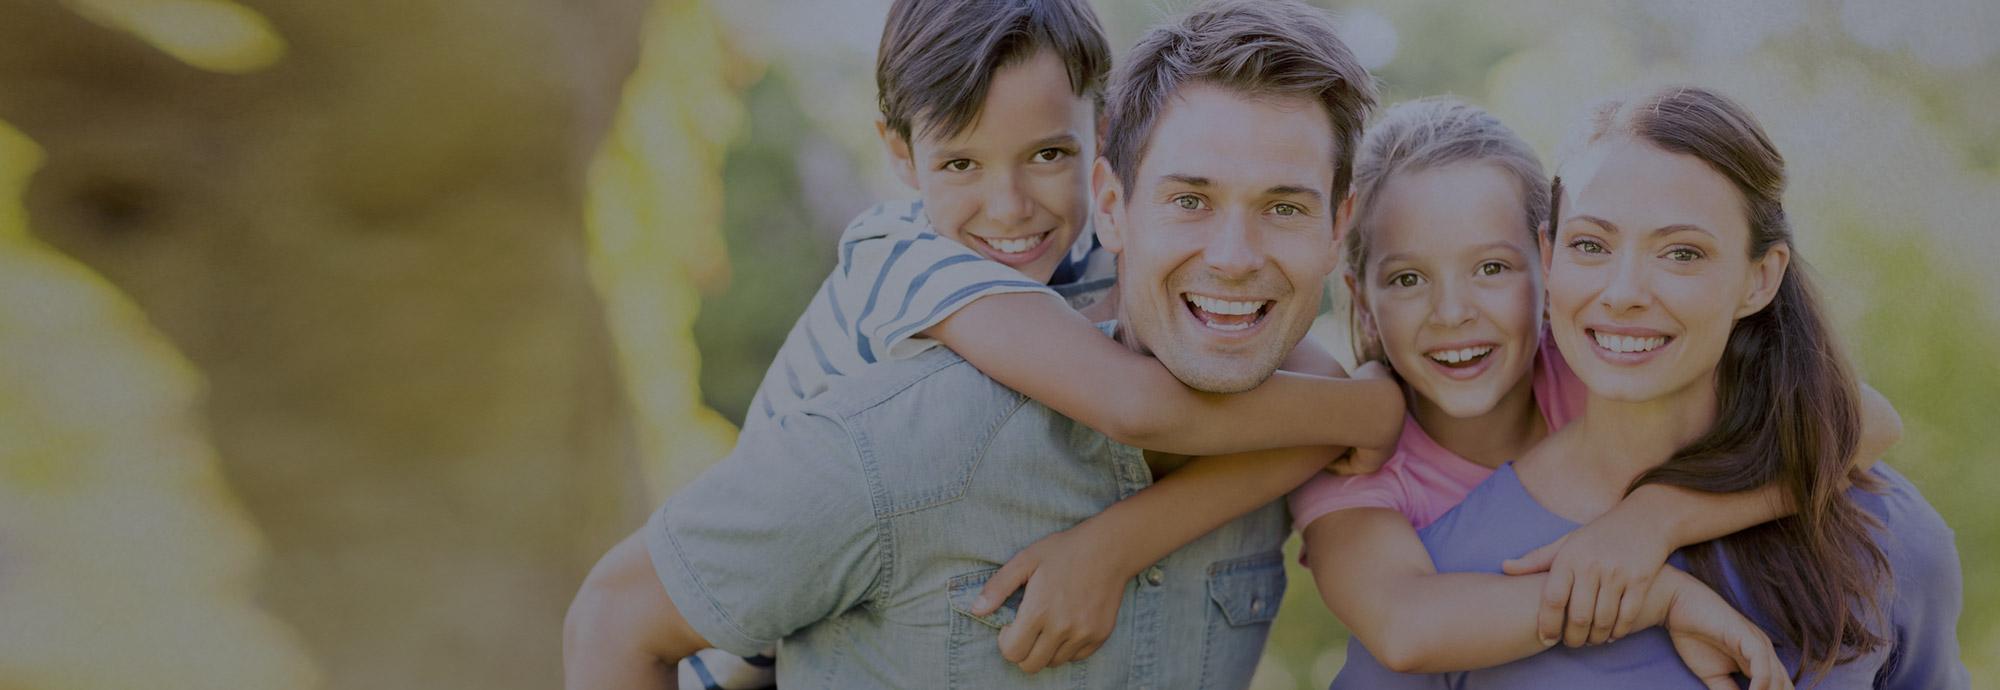 Soluzioni assicurative per la protezione della famiglia, casa e salute